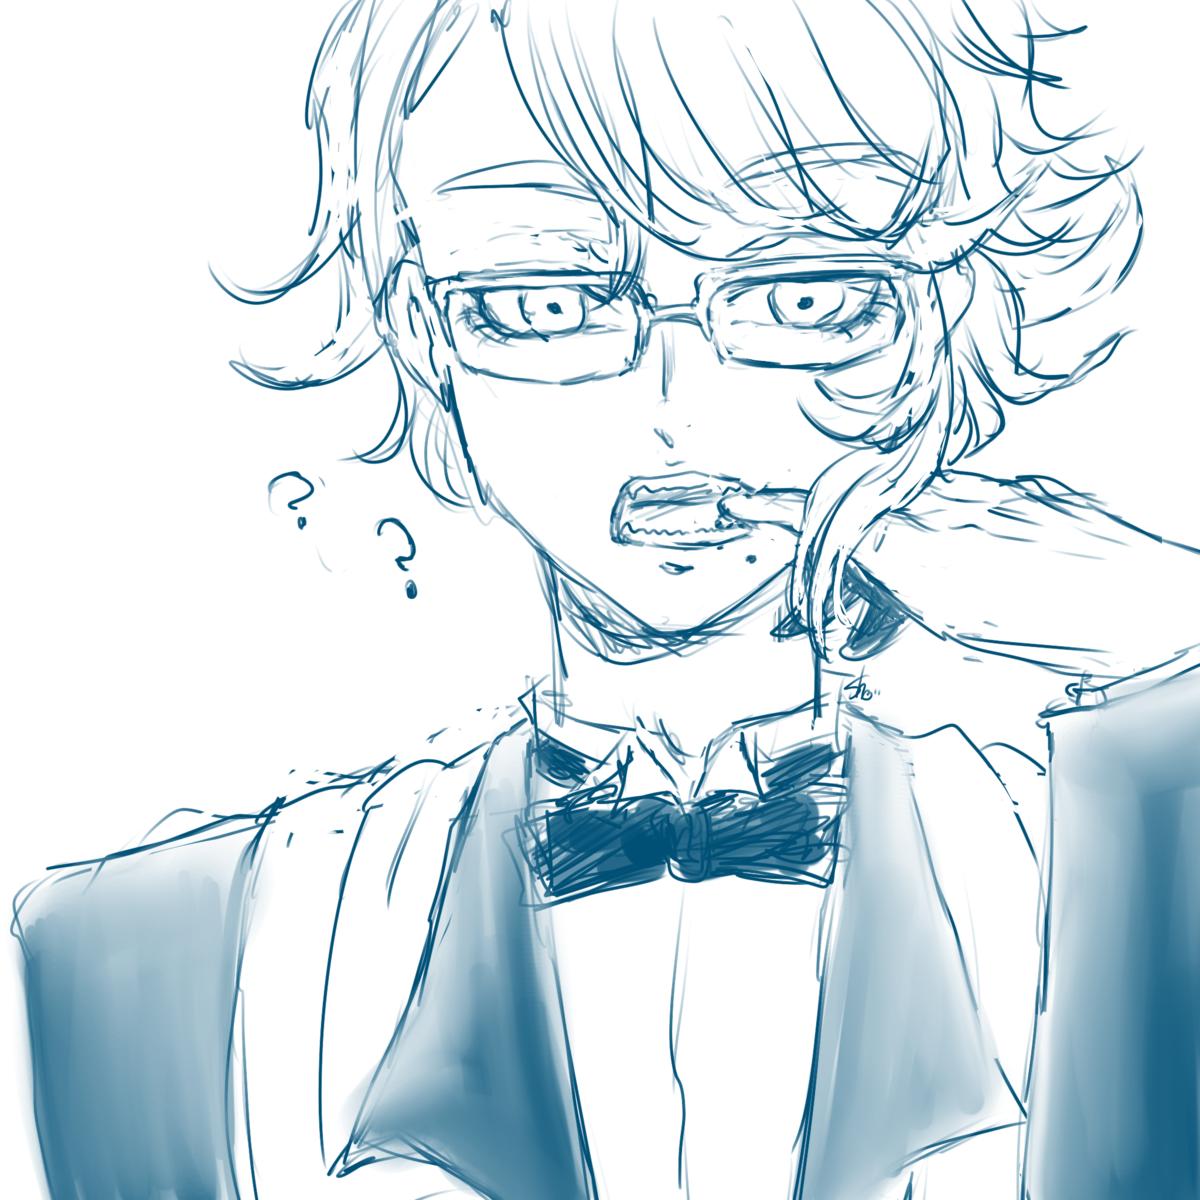 f:id:harucu_te:20200809070217p:plain